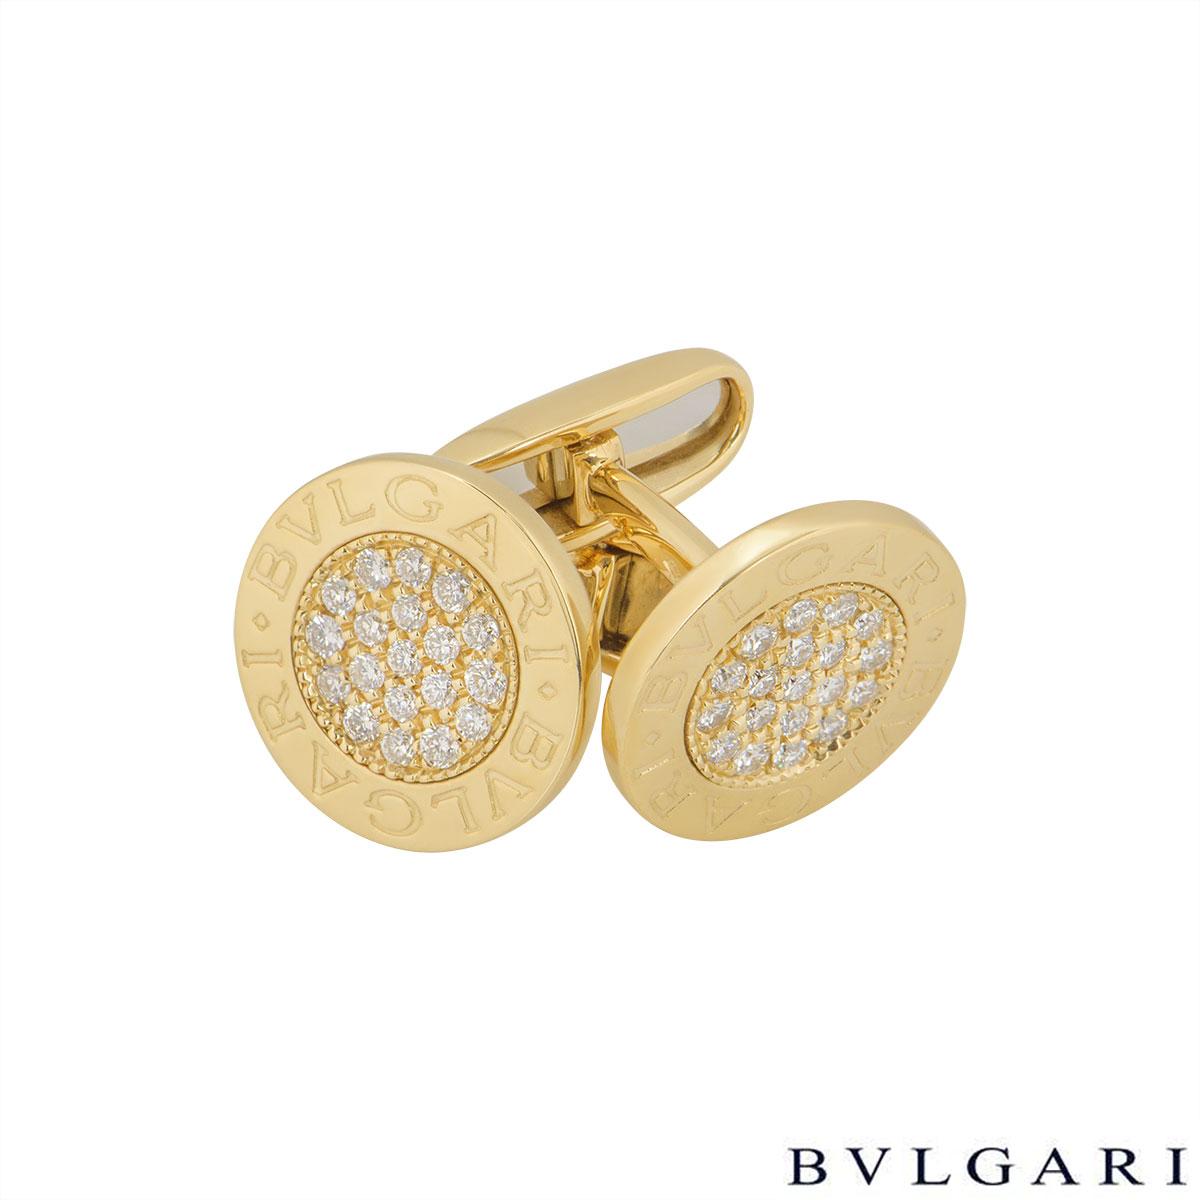 Bvlgari Yellow Gold Bvlgari Bvlgari Diamond Cufflinks